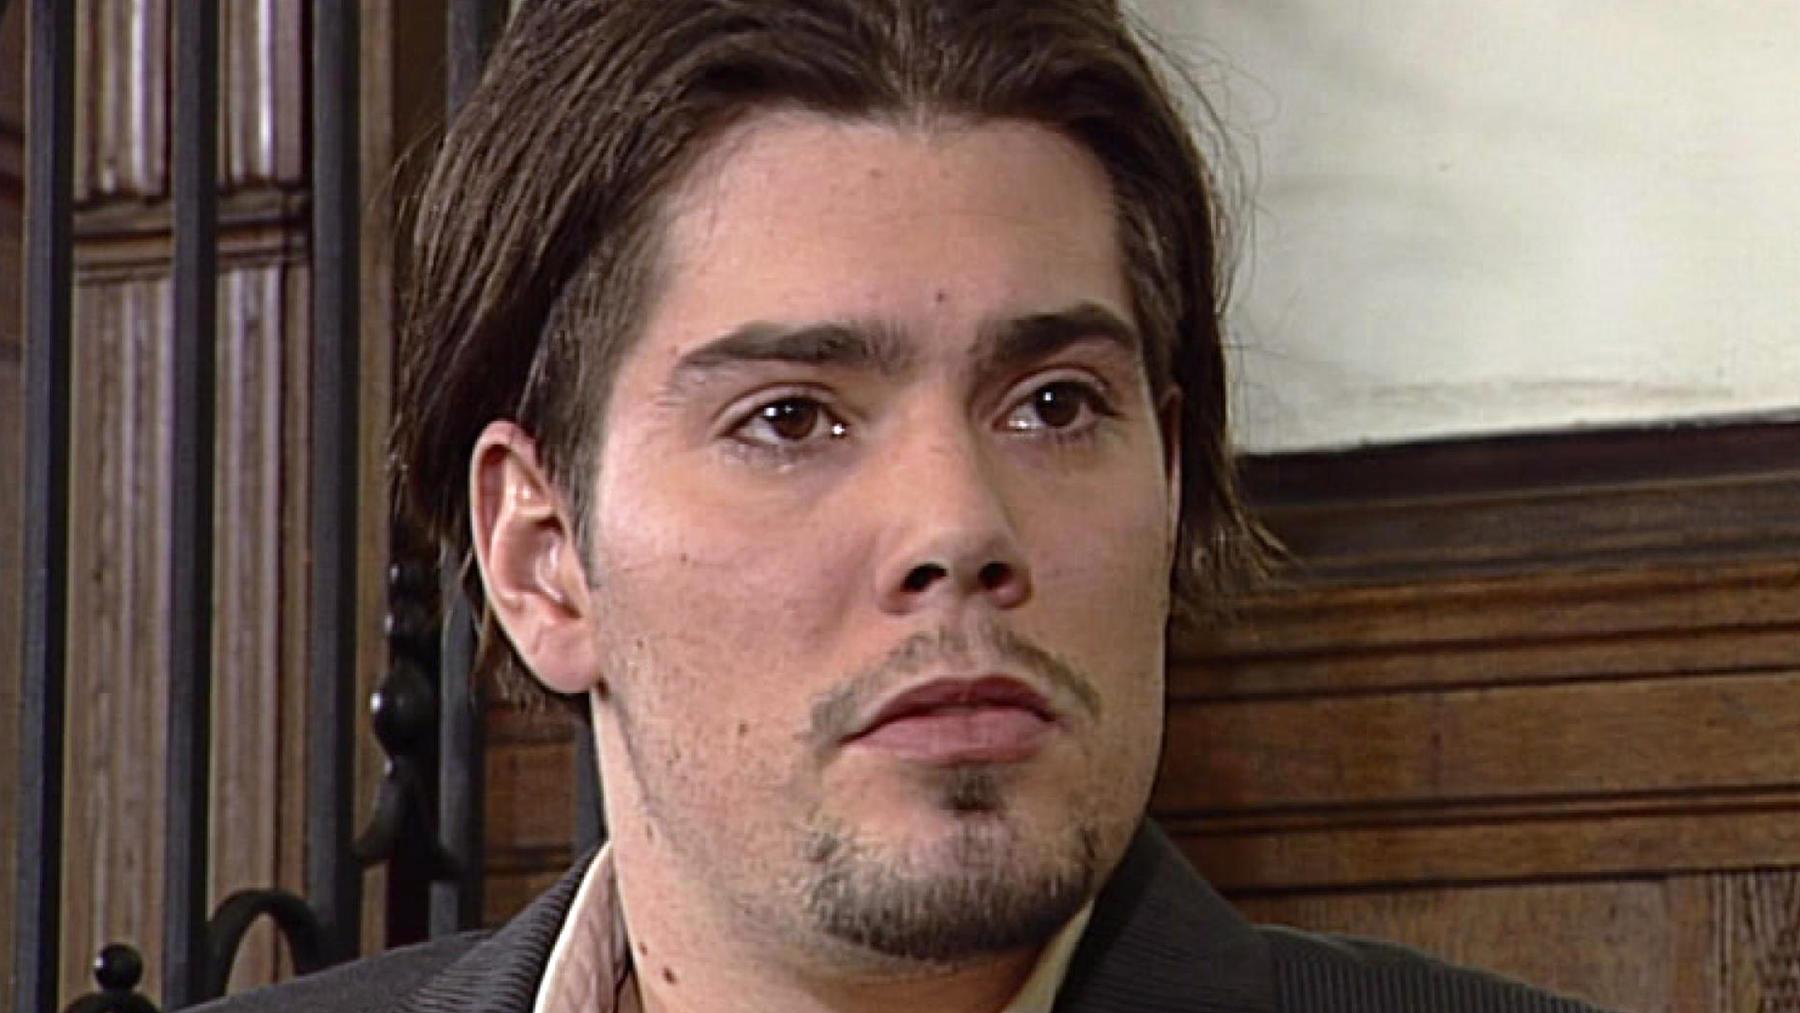 Wird Leon dank seiner Rede vor Gericht freigesprochen?